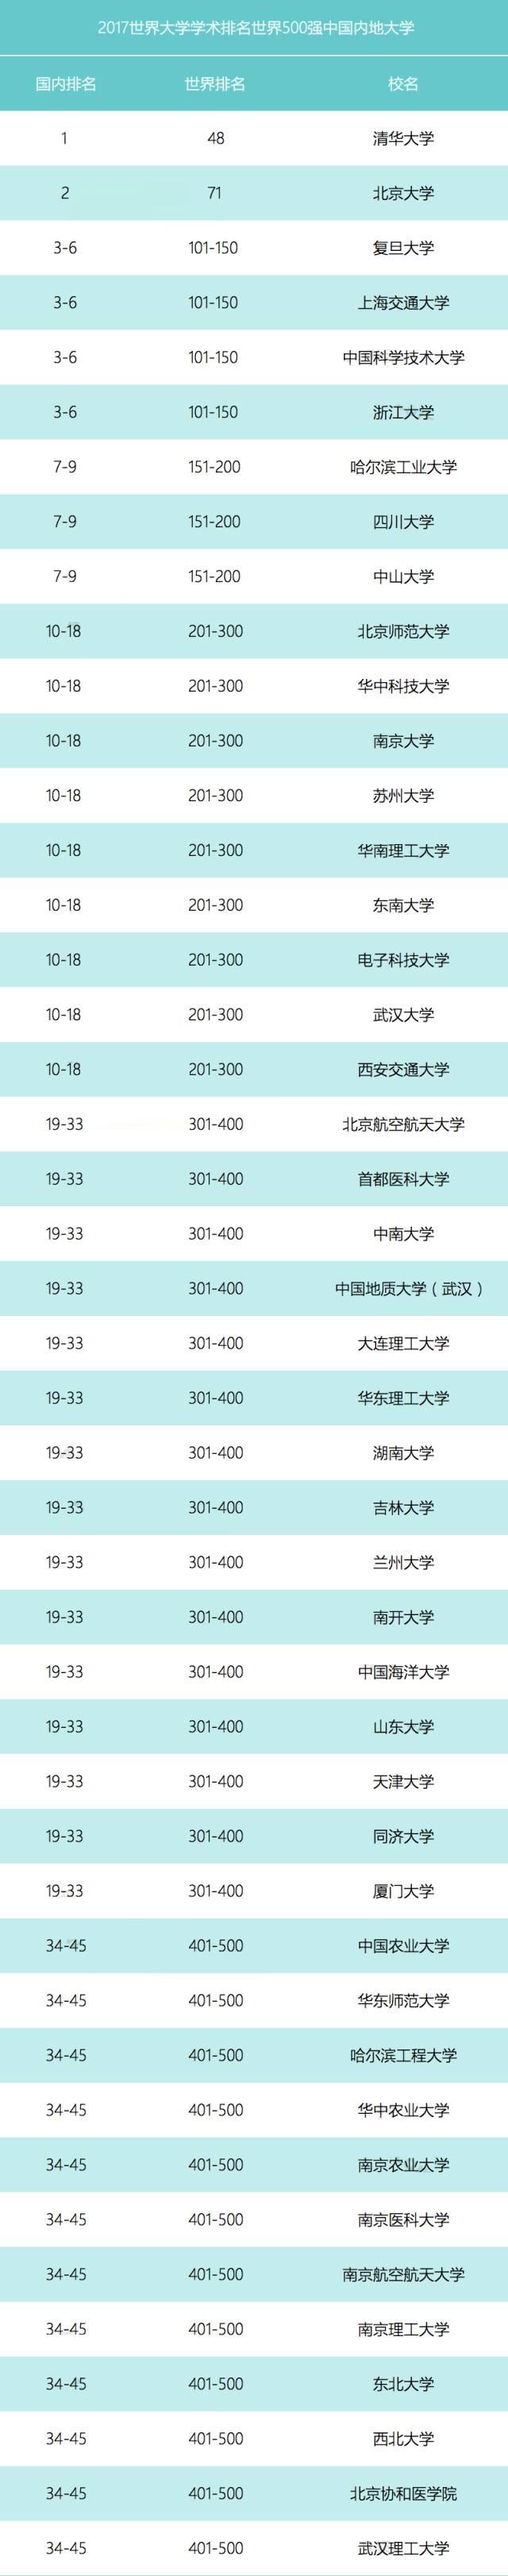 世界大学学术排名(ARWU)出炉 中国57校跻身500强